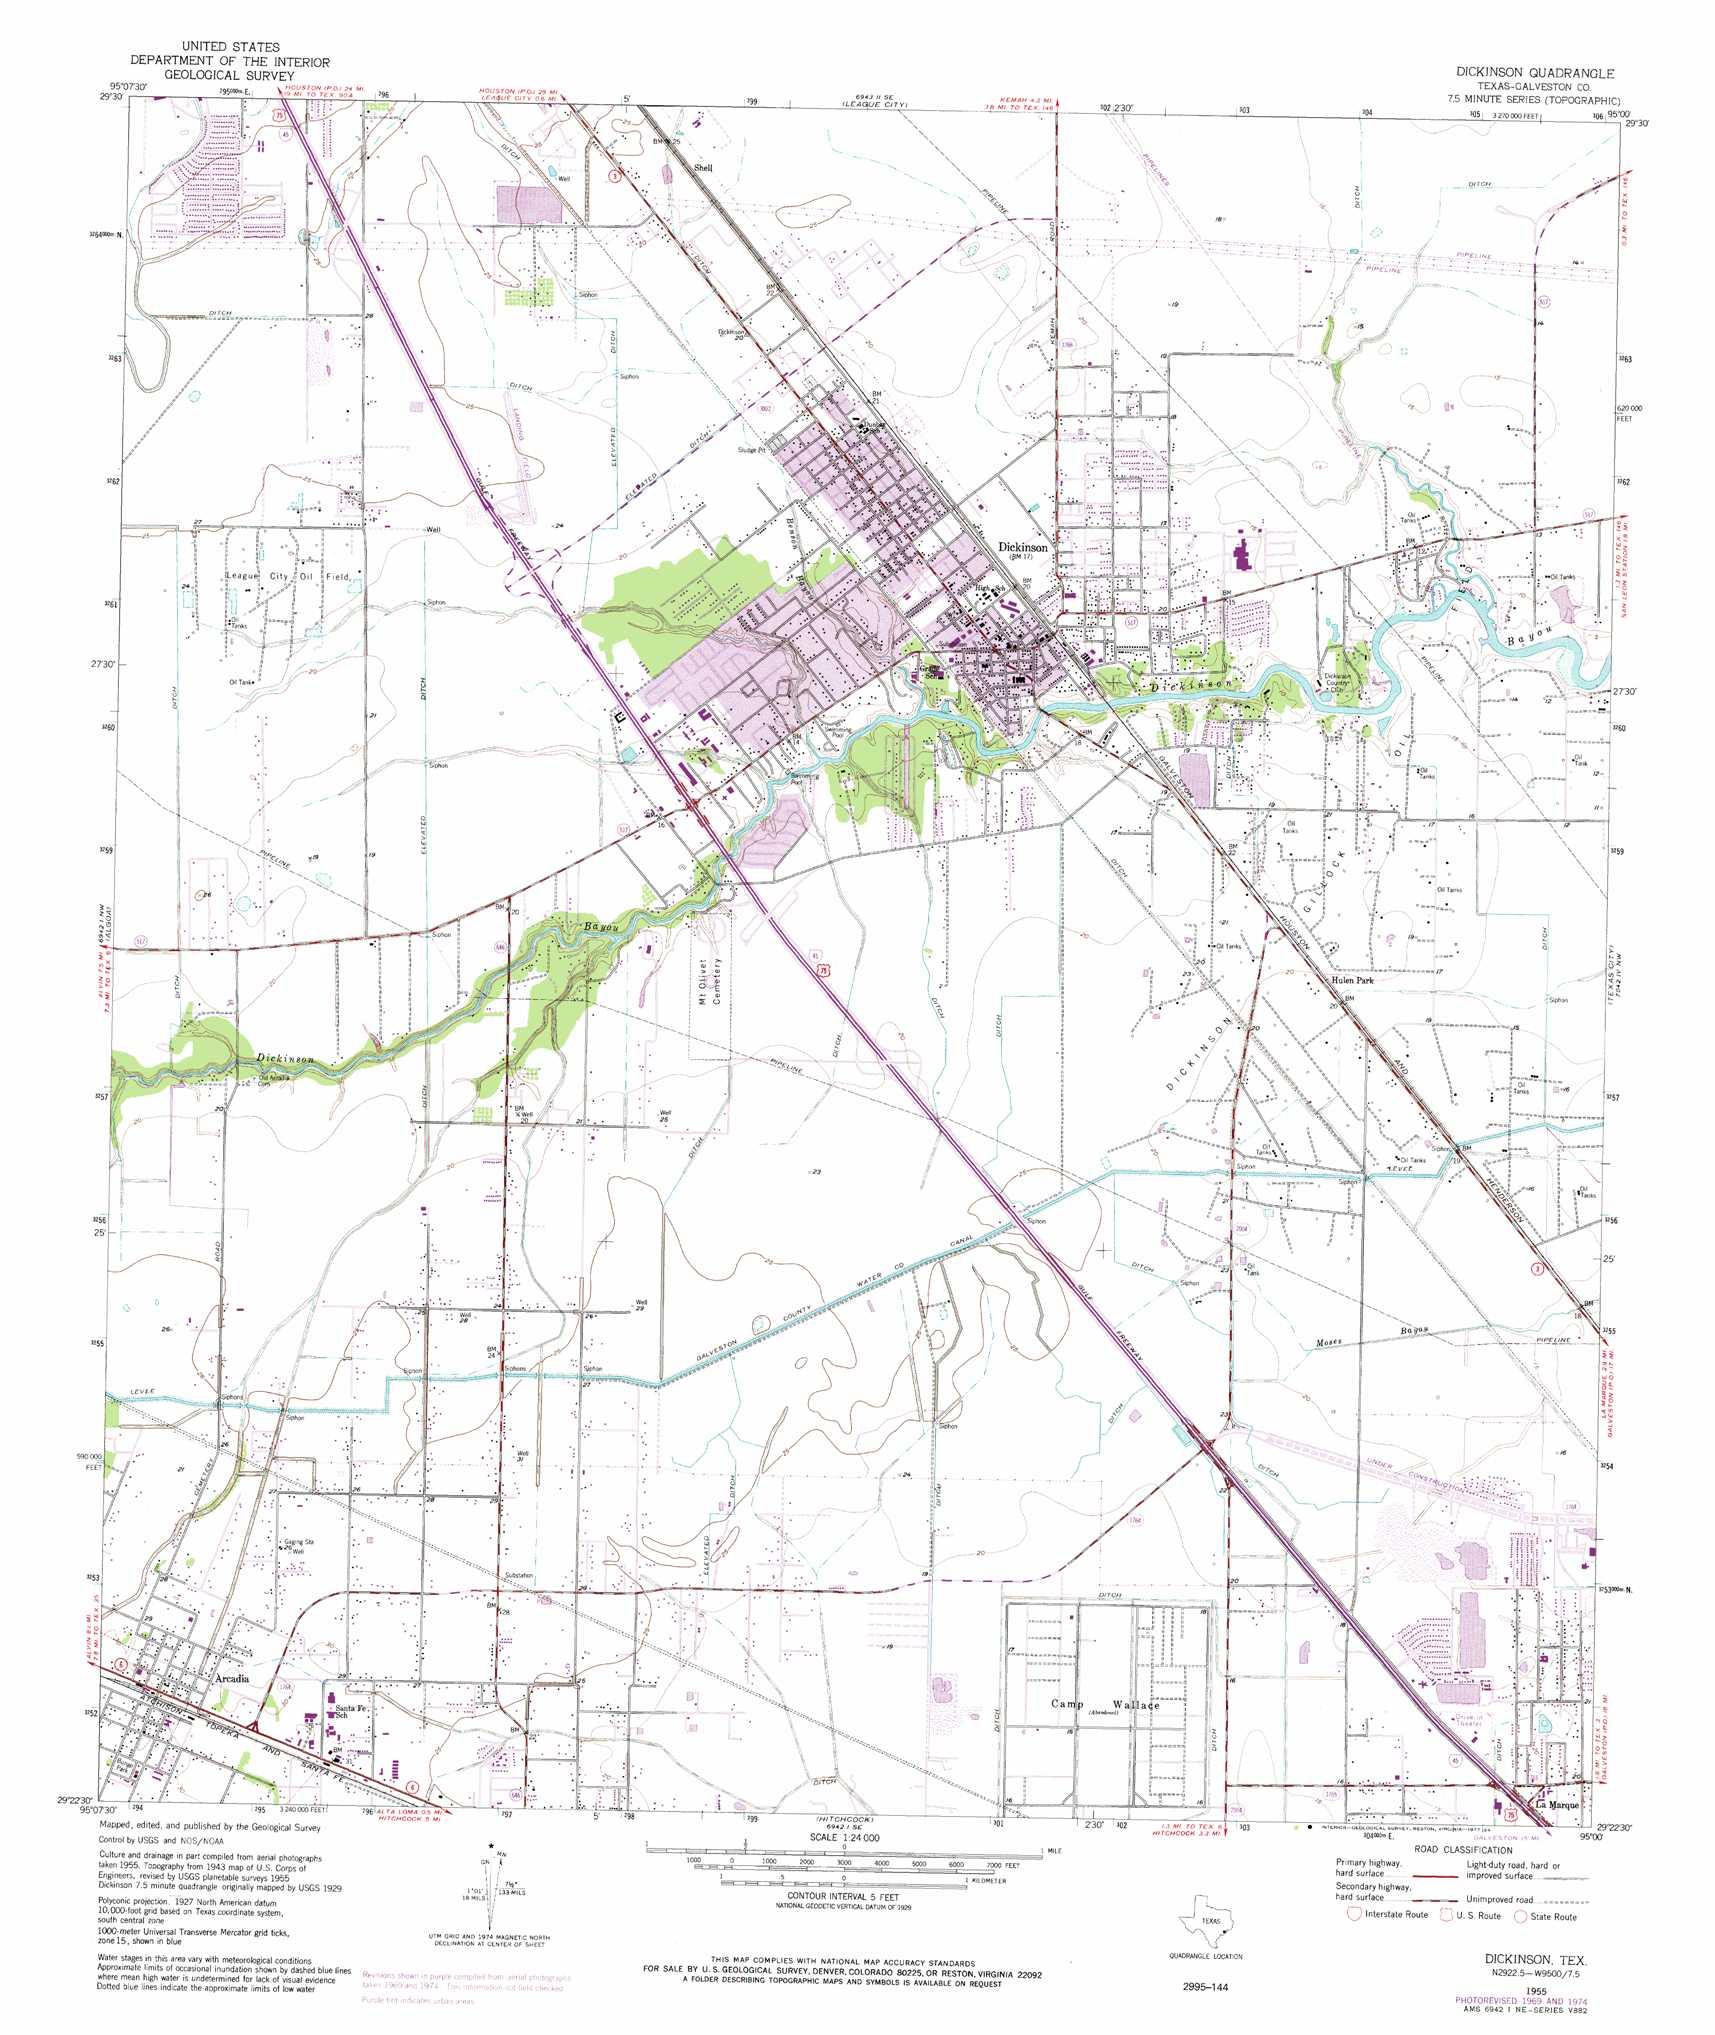 Dickinson topographic map, TX - USGS Topo Quad 29095d1